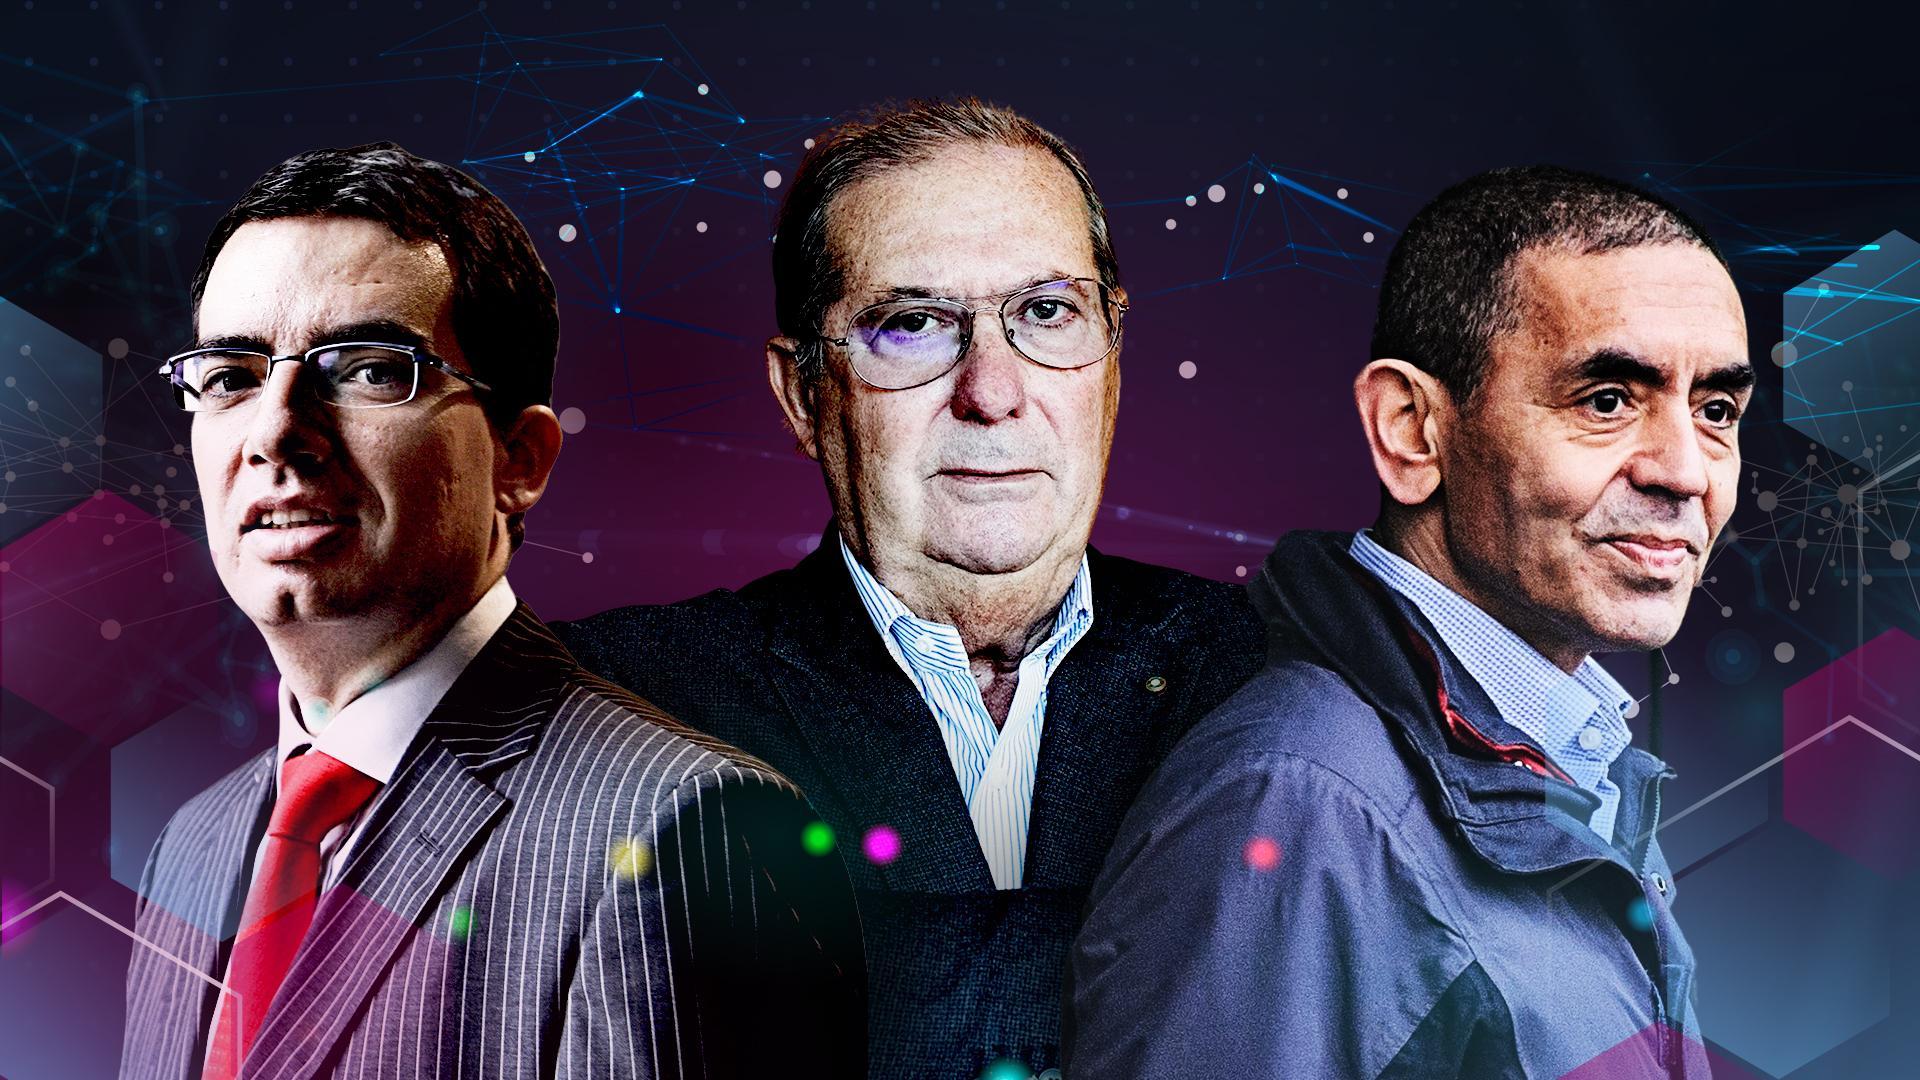 Moderna CEO Stéphane Bancel, Stevanato Group president Sergio Stevanato and BioNTech CEO Uğur Şahin.